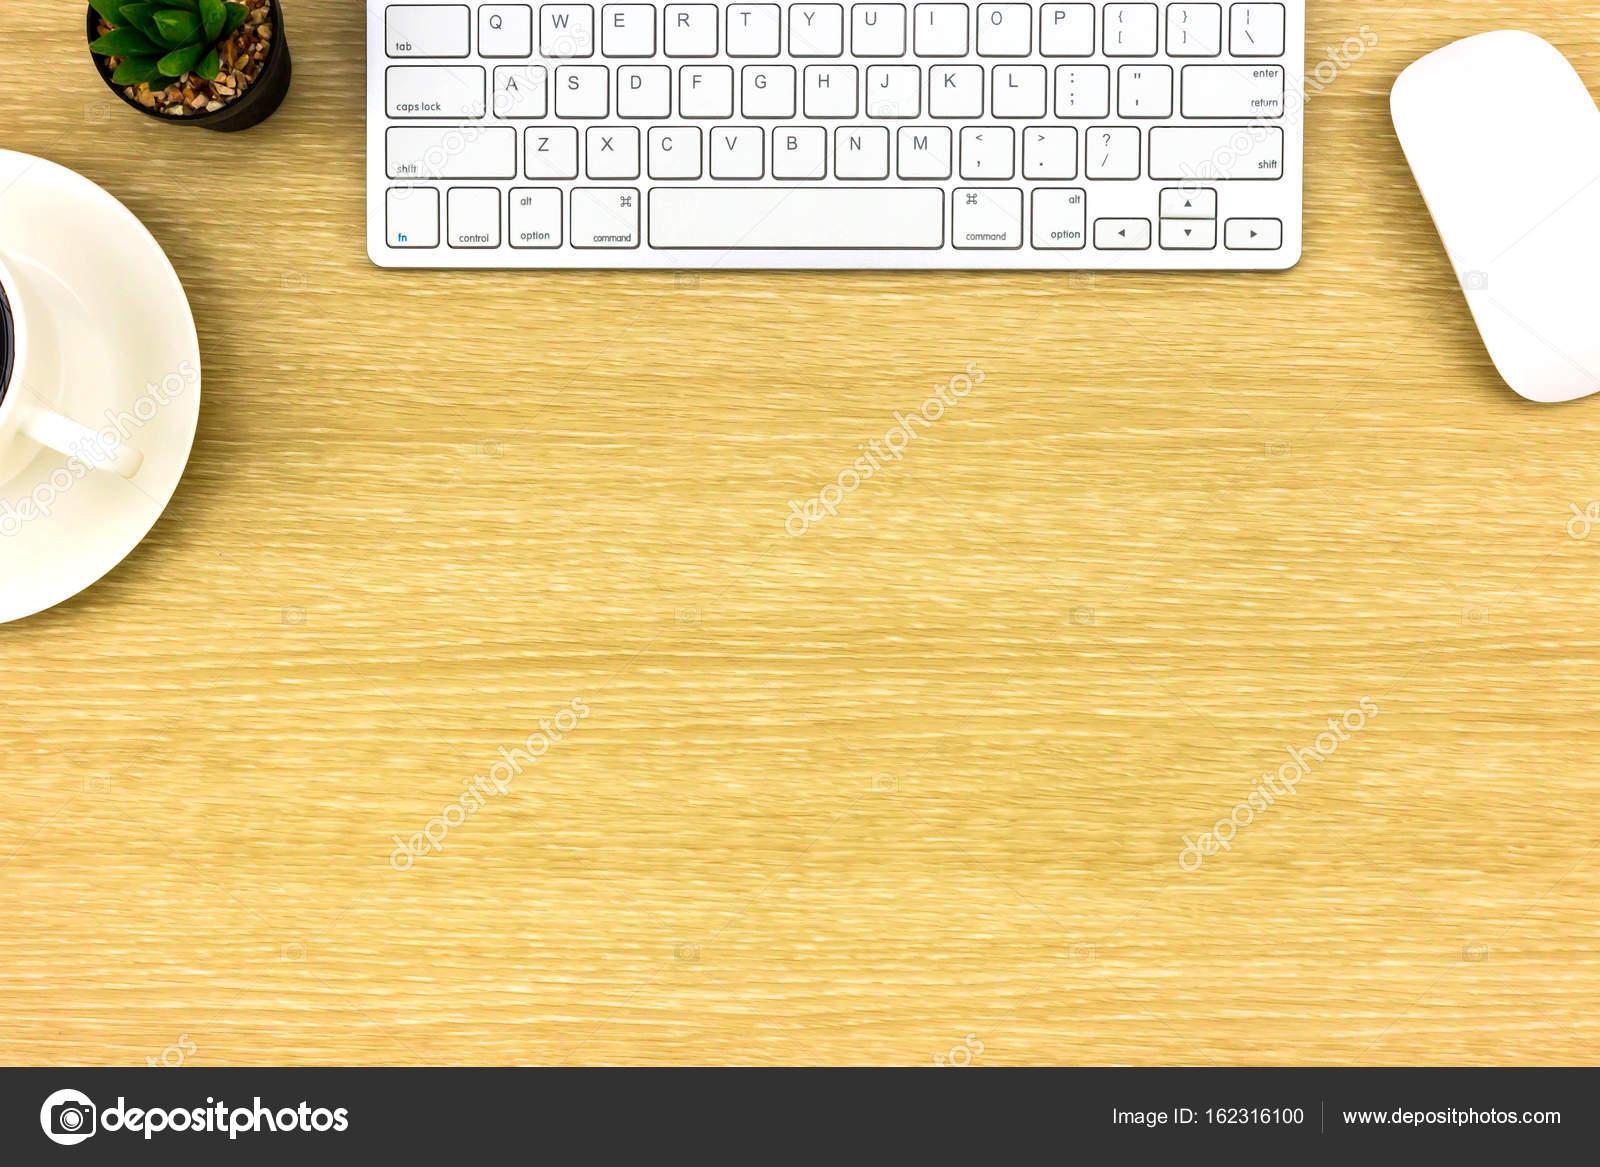 Modernes büro schreibtisch top holztisch mit computer laptop eine